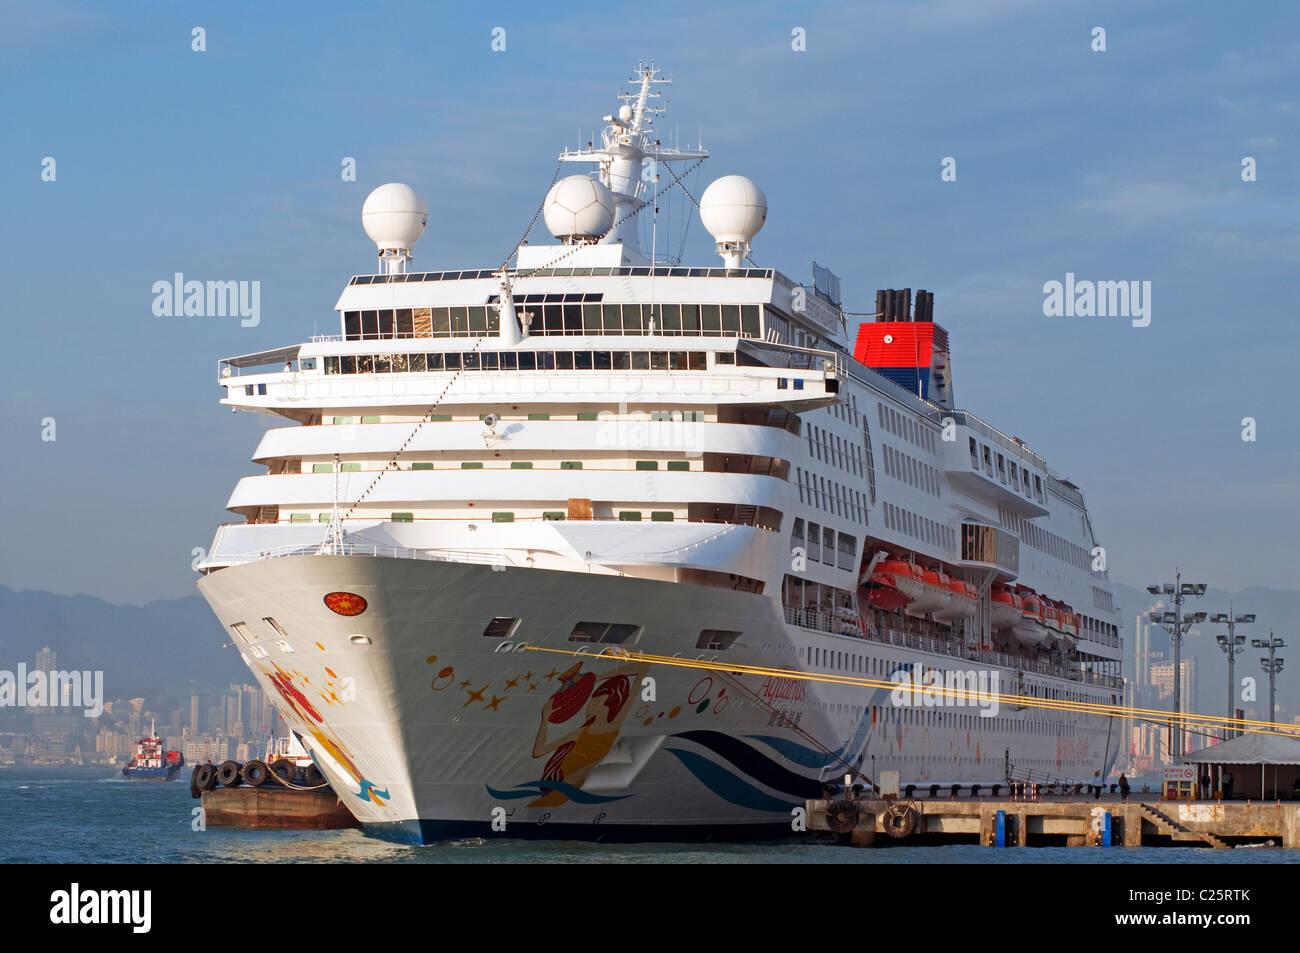 Cruise ships, Victoria harbor, Hong Kong, China. - Stock Image